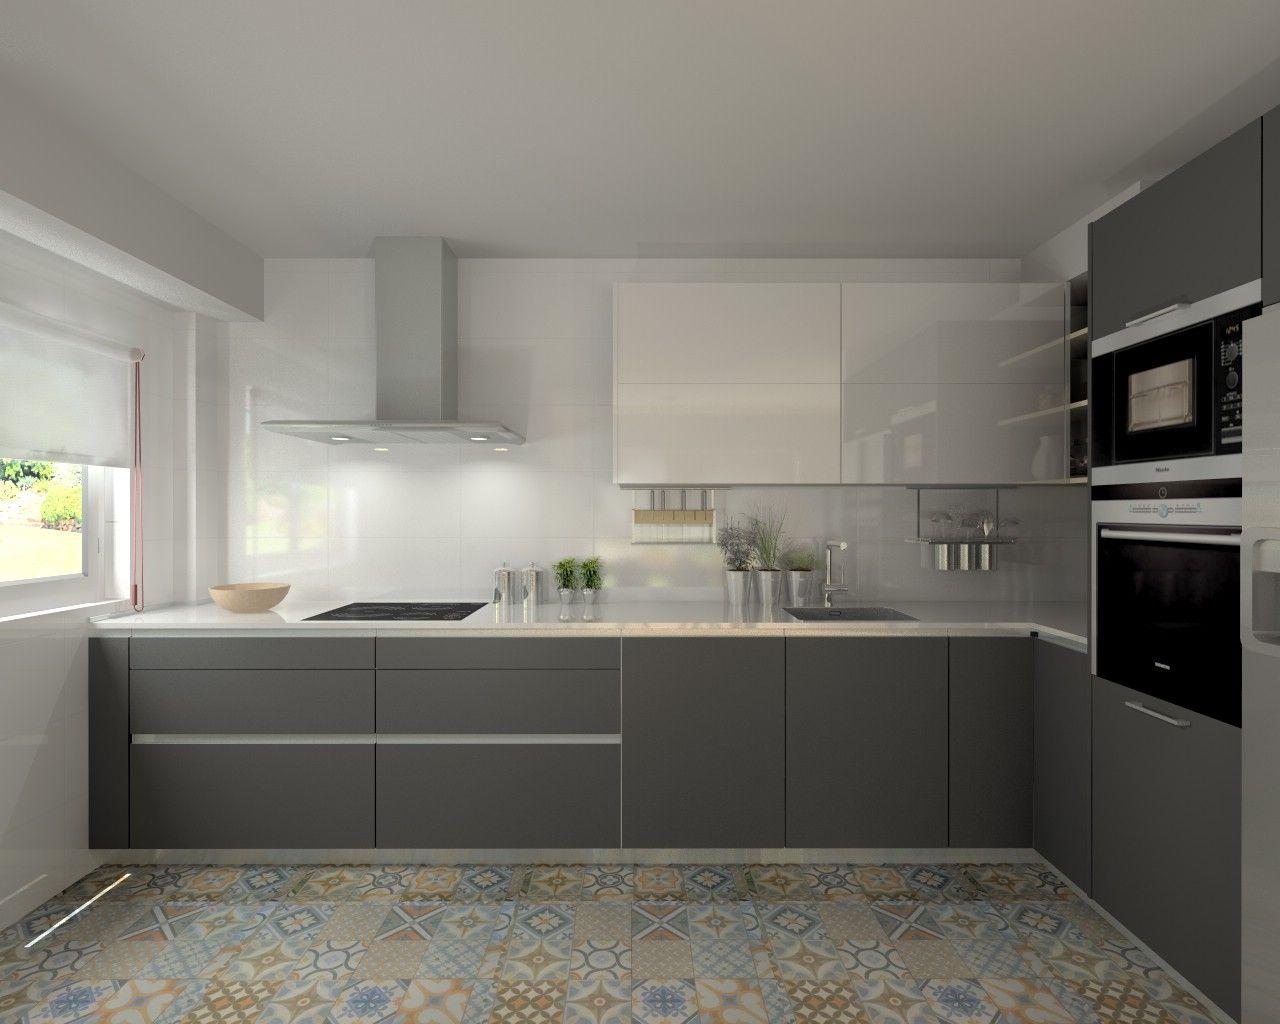 Cocina santos modelo line e gris y line l blanco con for Ideas para cocinas modernas